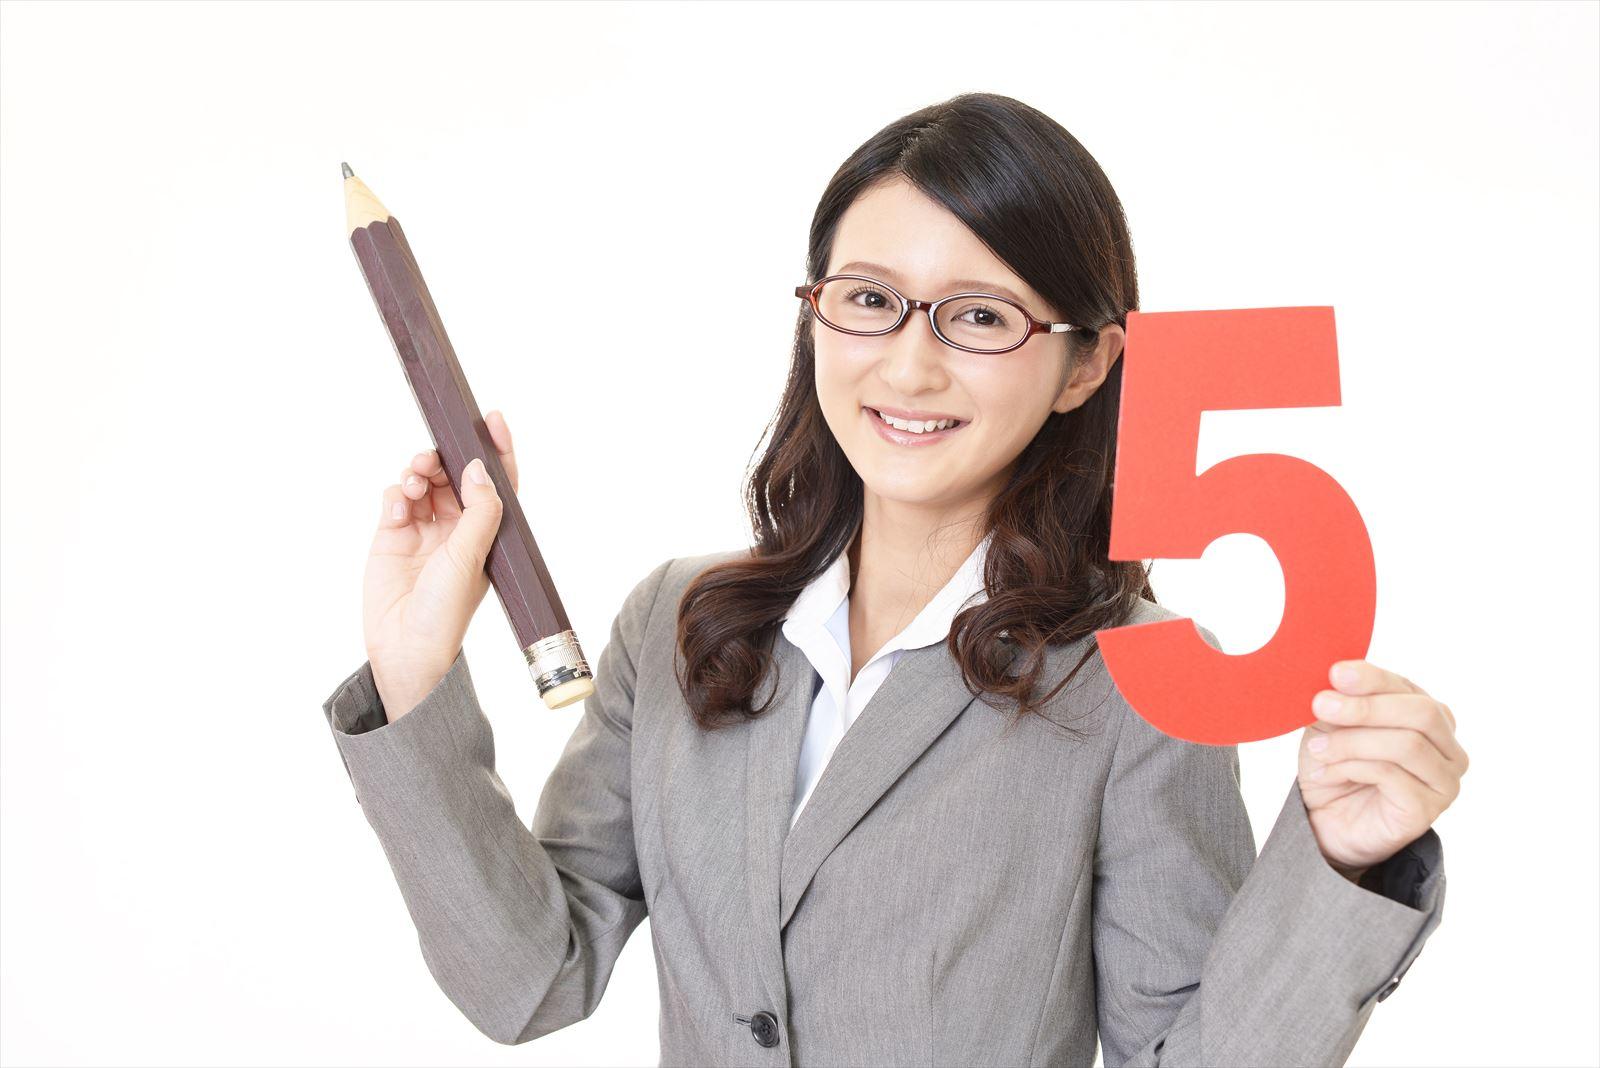 外注化・パート活用を成功させる5つのポイント